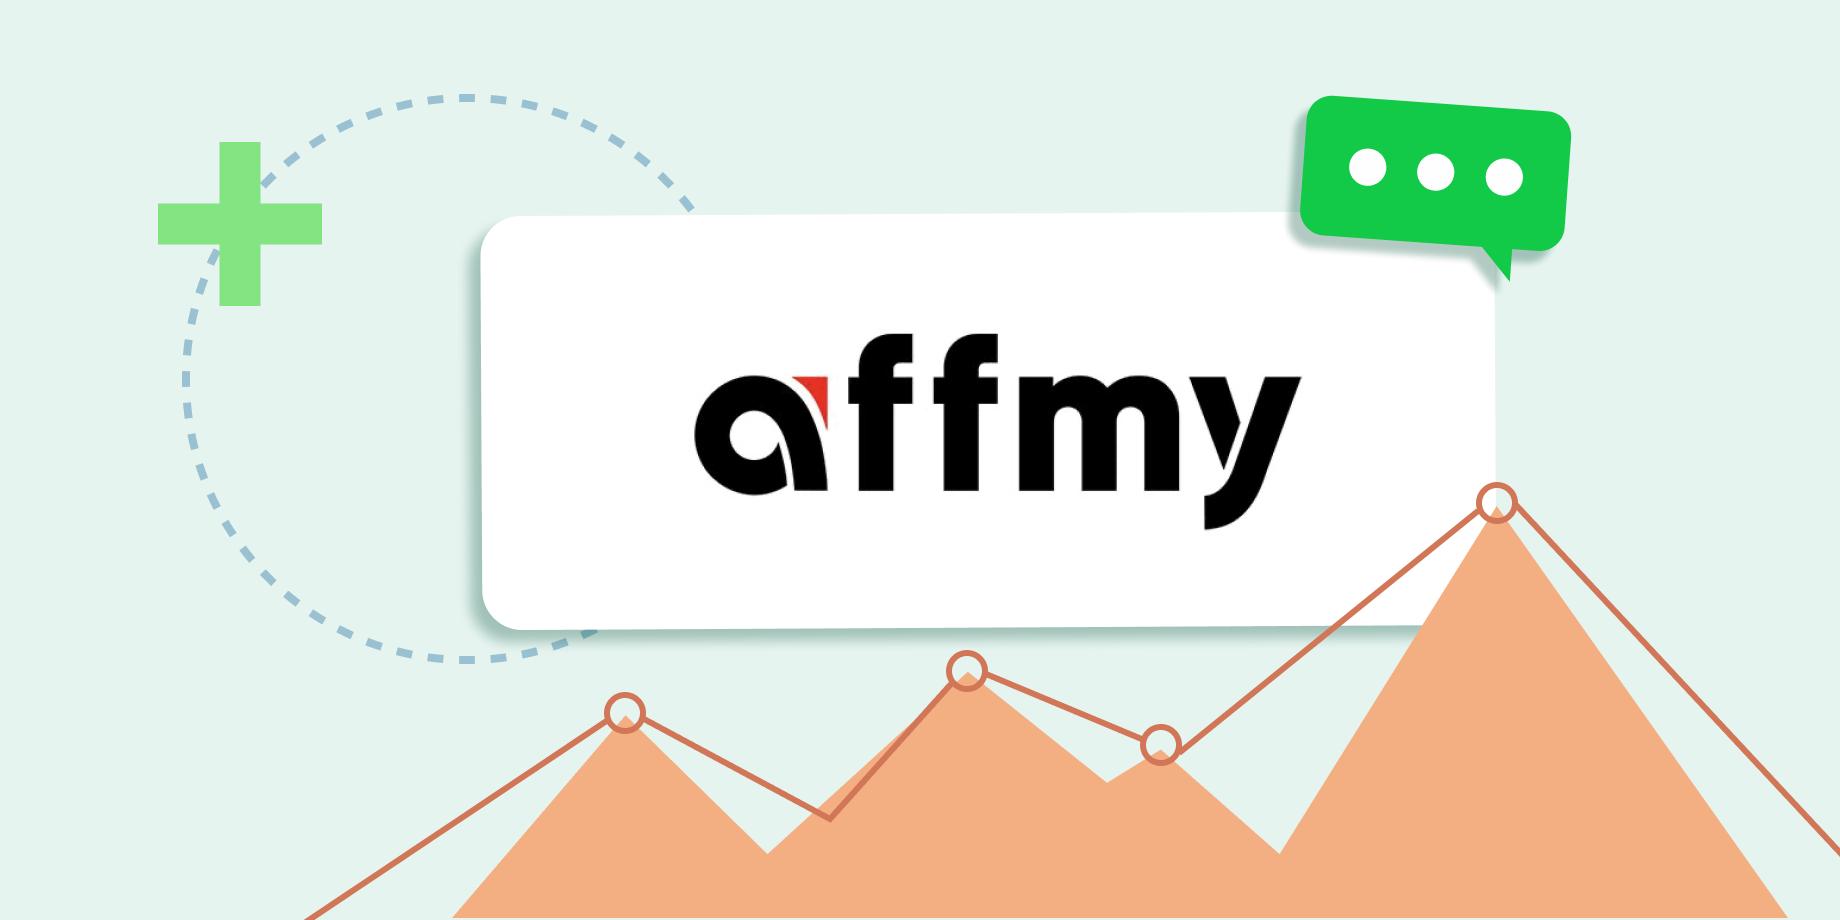 У нас новый партнер — сеть Affmy!